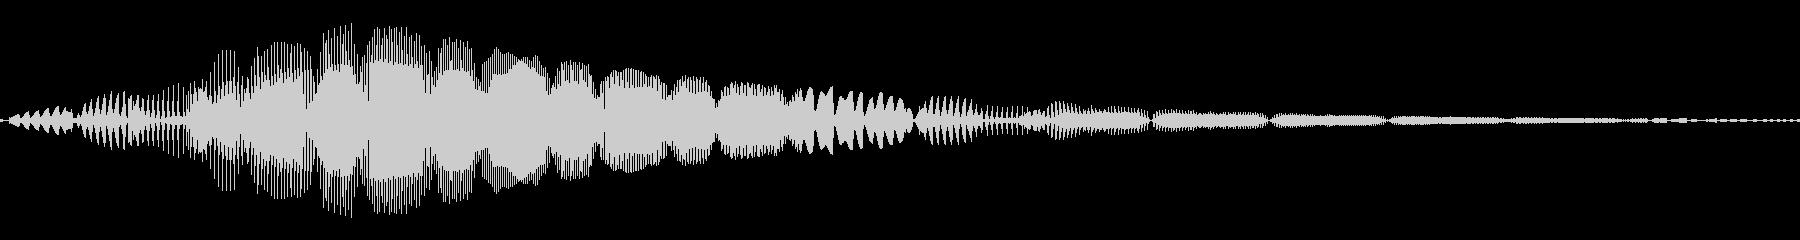 ピッ(カーソル/選択/ボタン)の未再生の波形